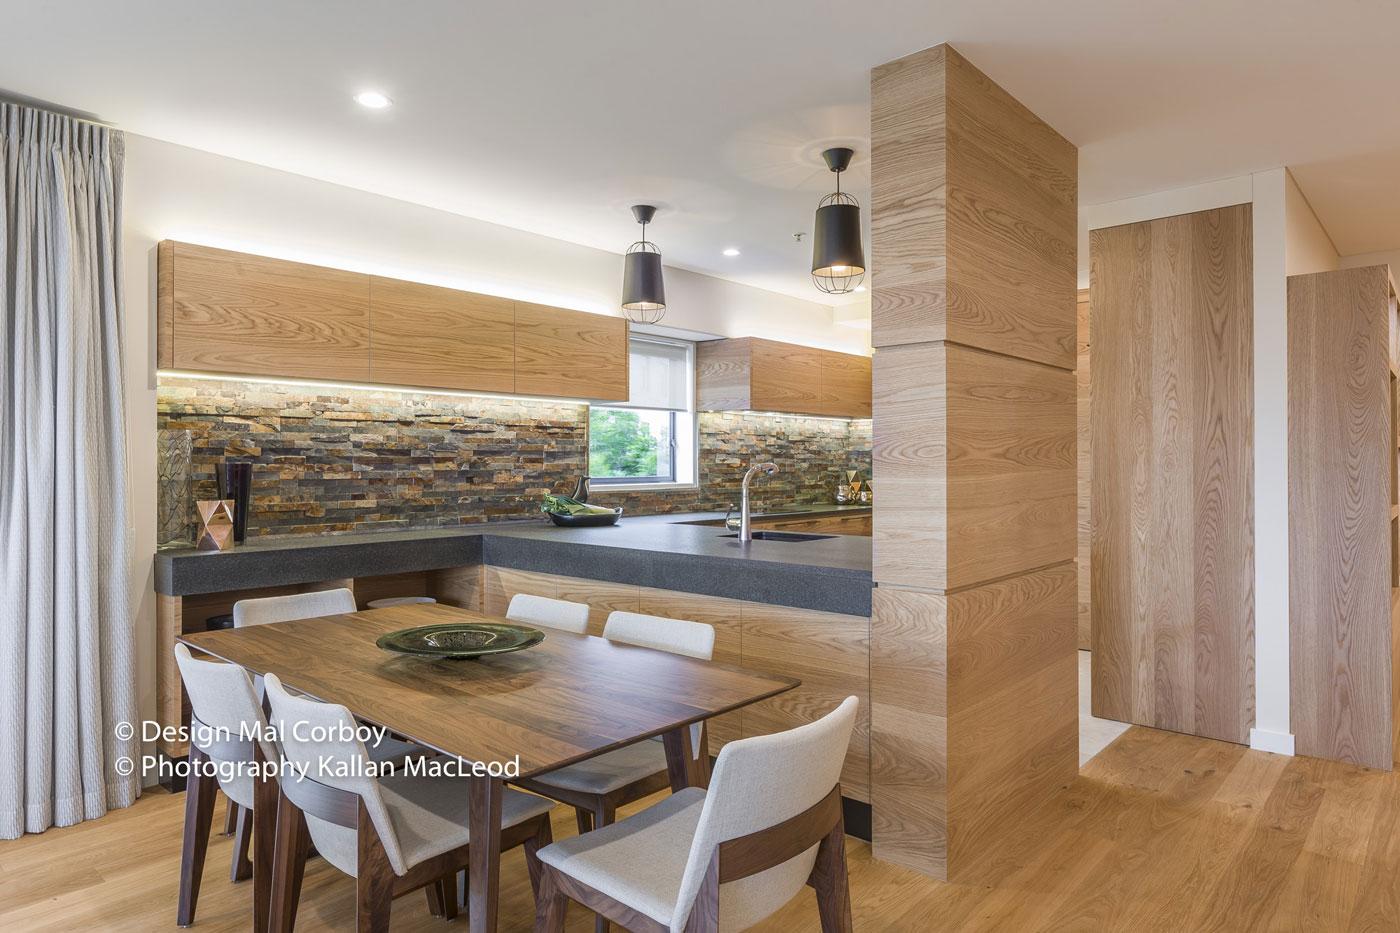 Viaduct 3 – Kitchen